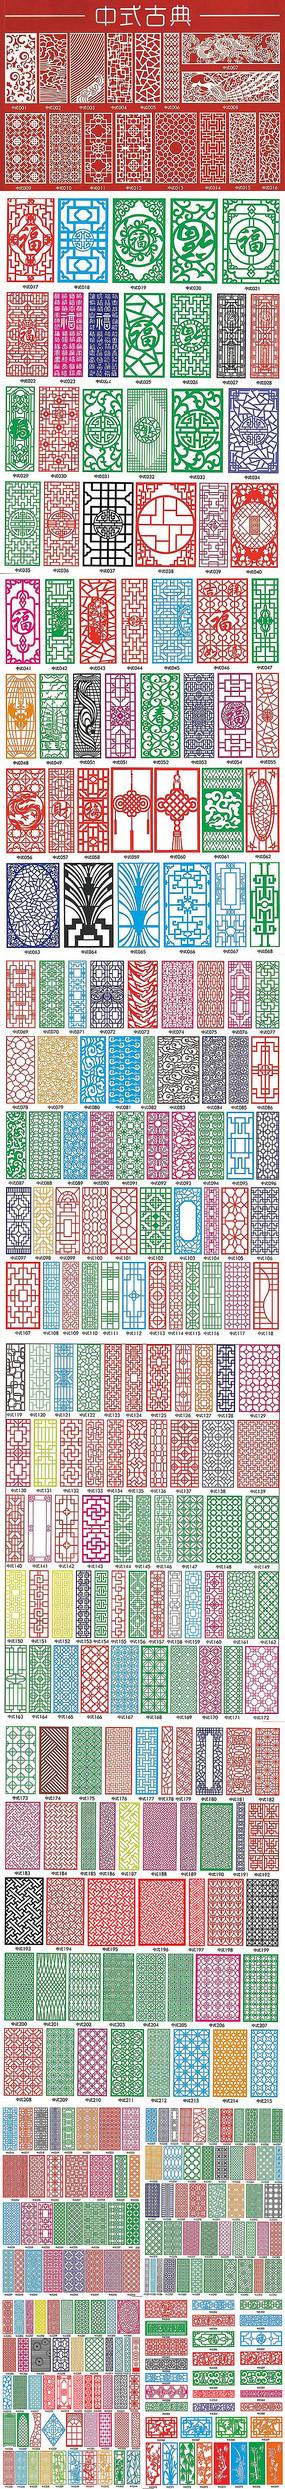 中式古典镂空雕刻雕花矢量图库